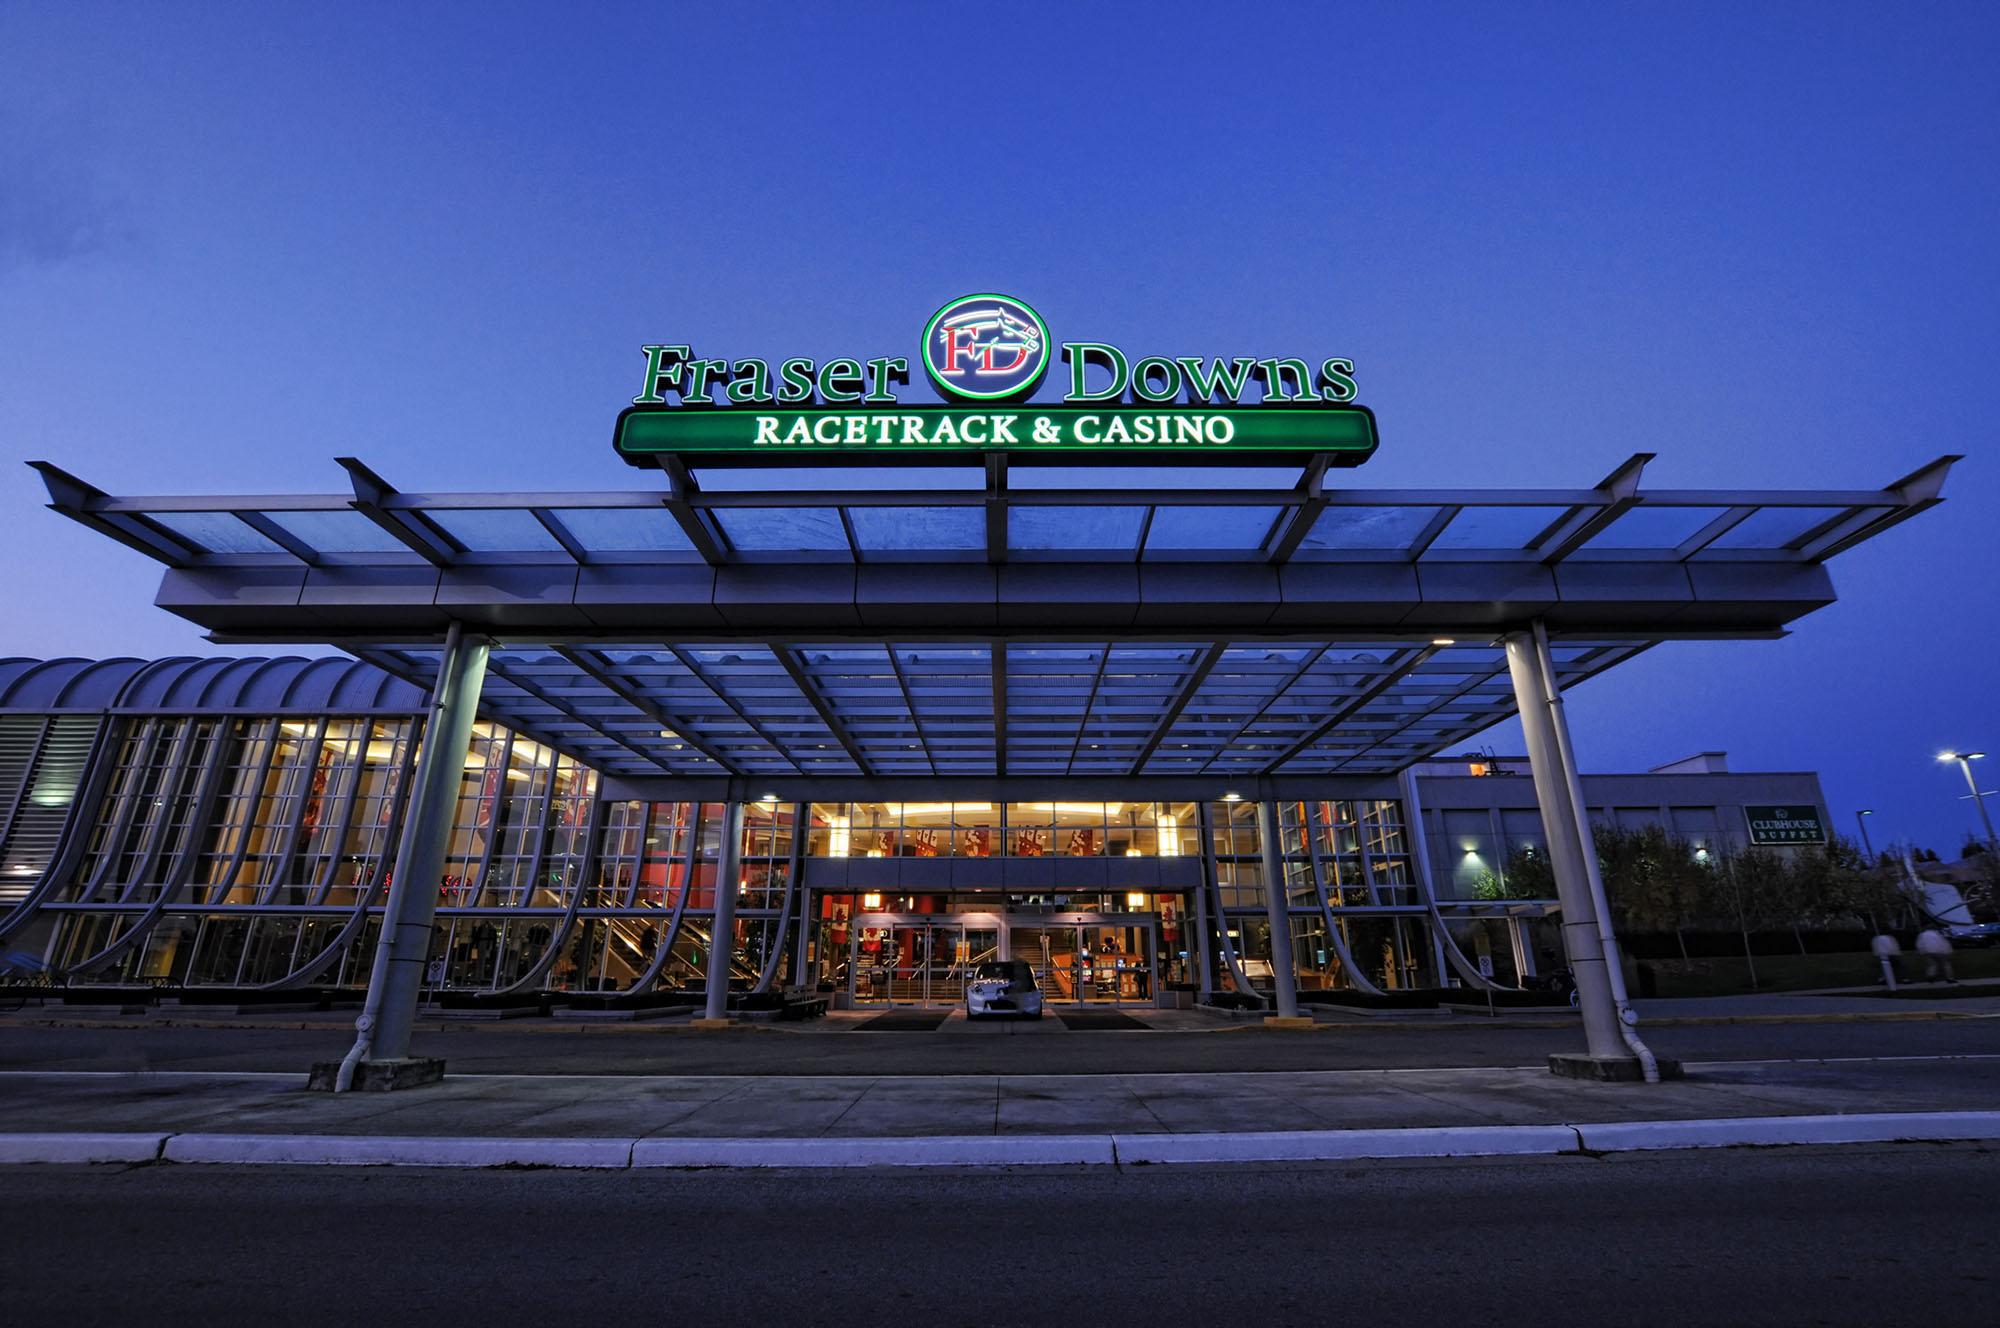 Fraser Down Casino